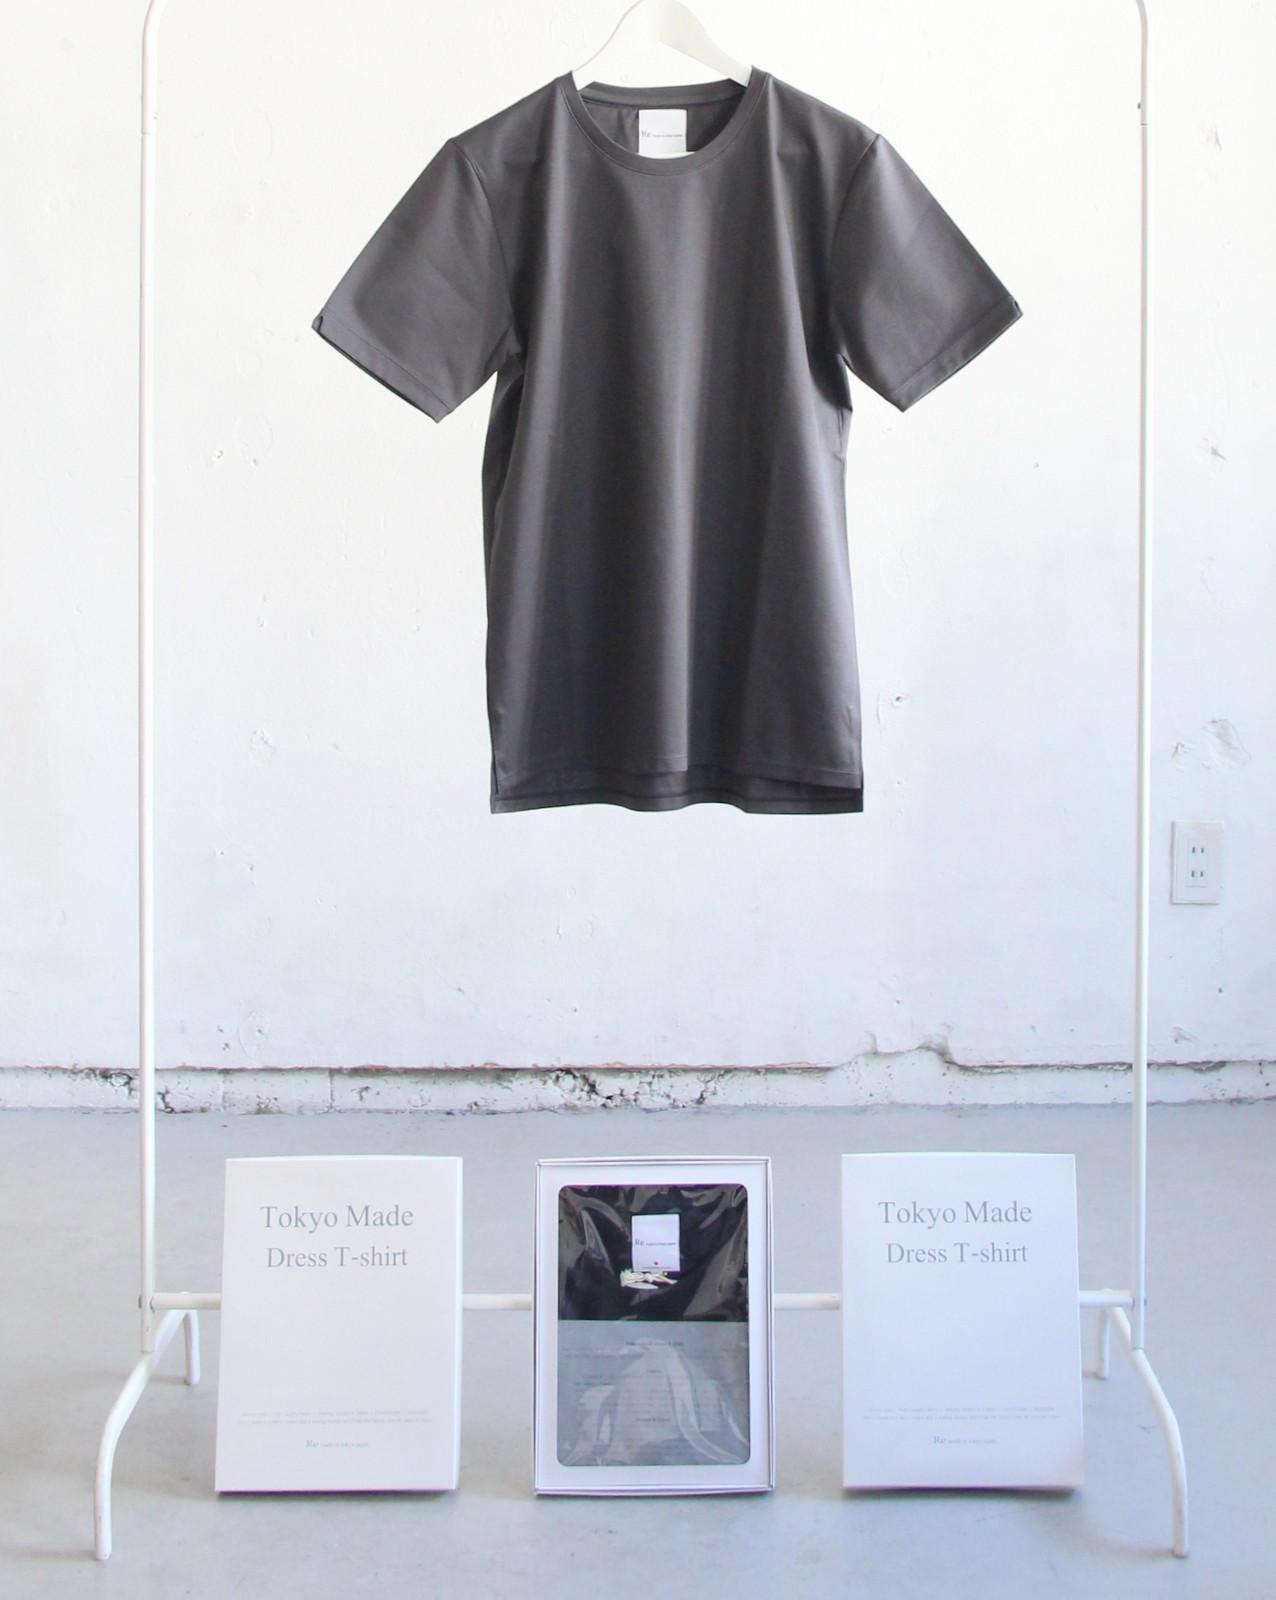 Tokyo Made Dress T-shirt_c0379477_08283581.jpg